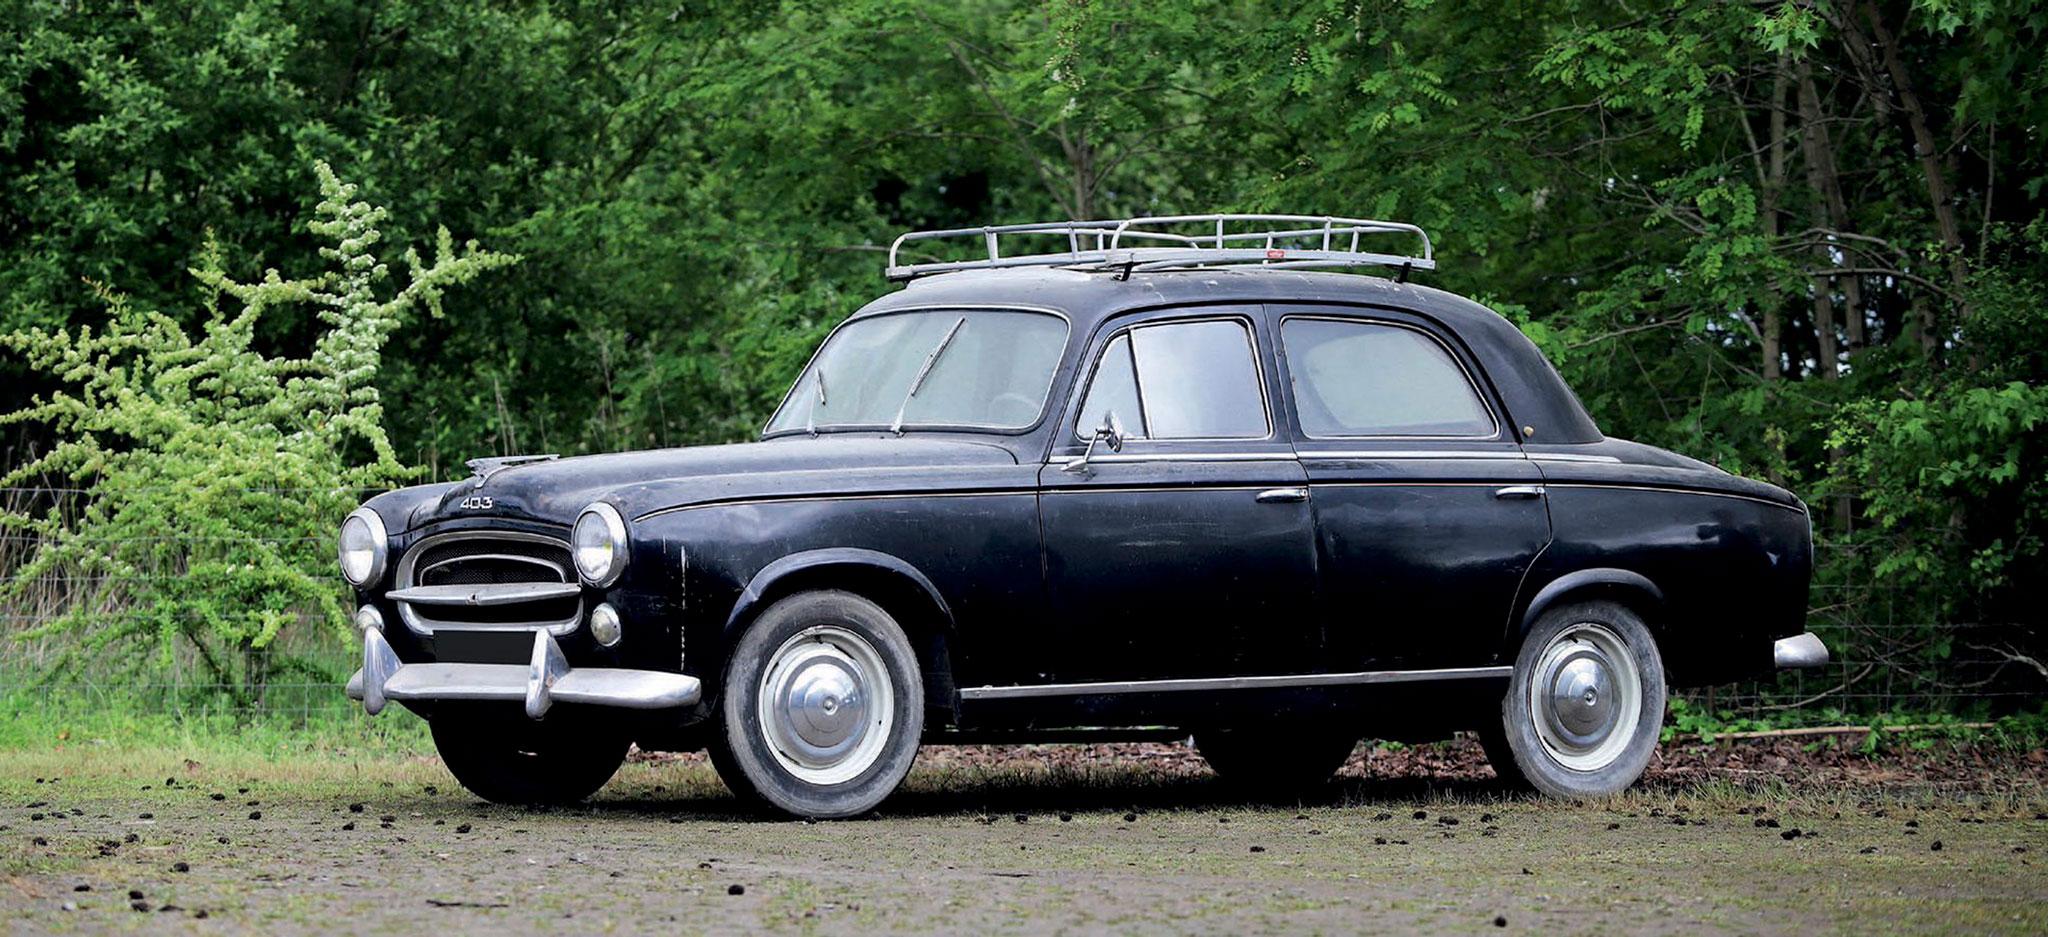 1957 Peugeot 403 Berline Noire €2500 - 4500 - Populaires Françaises.